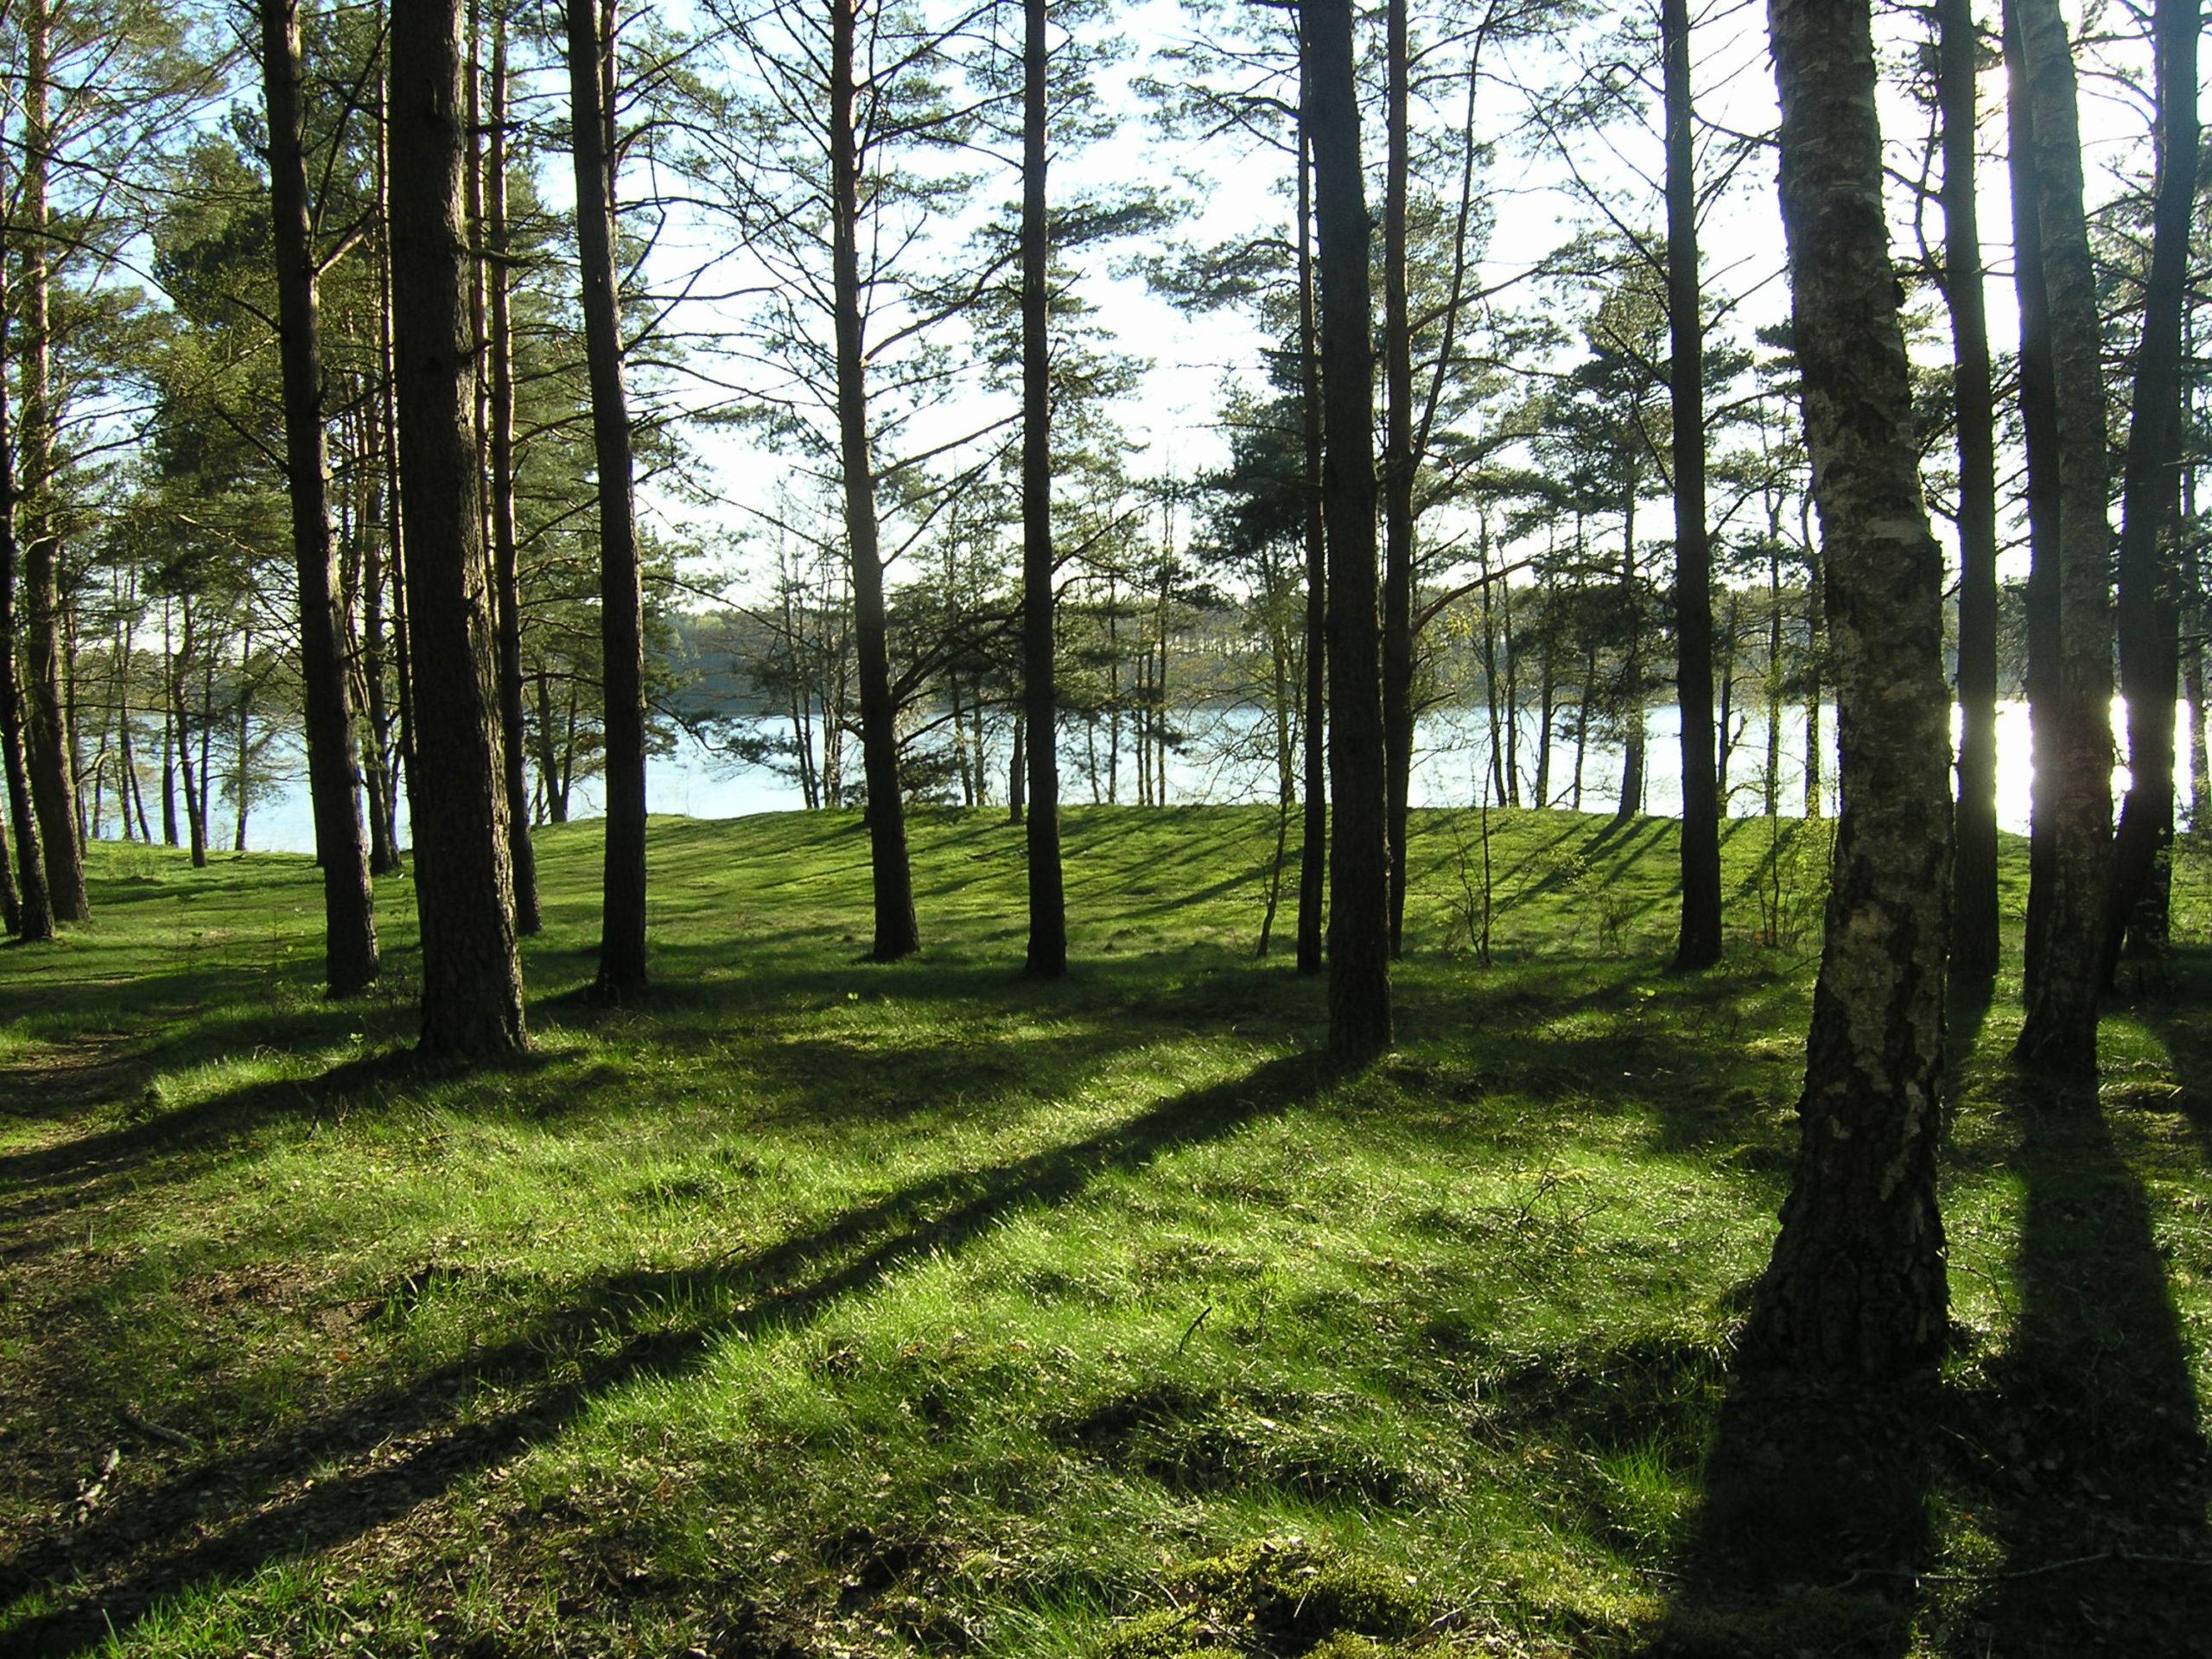 Drzewa rzucają cienie